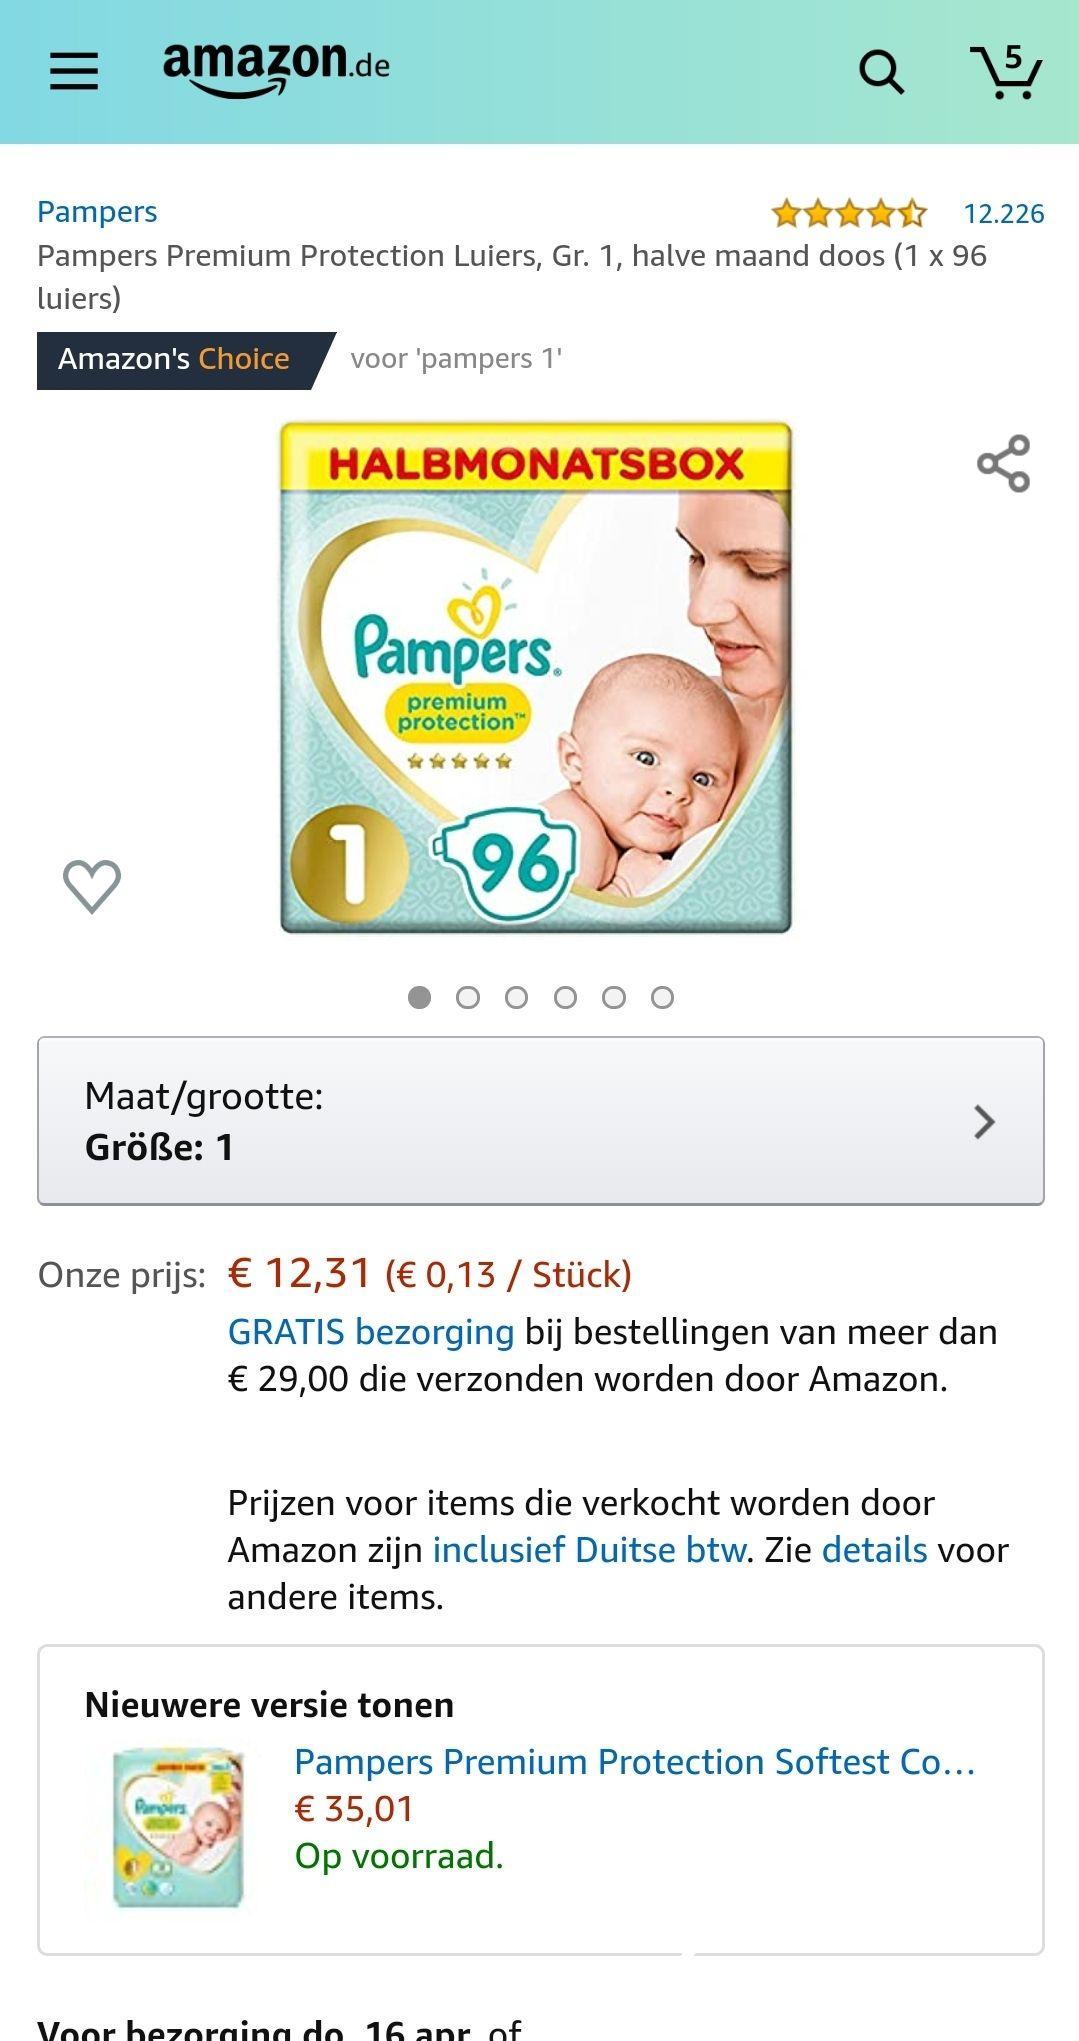 Pampers Premium Protection Luiers - maat 1 - 96 luiers @ Amazon.de